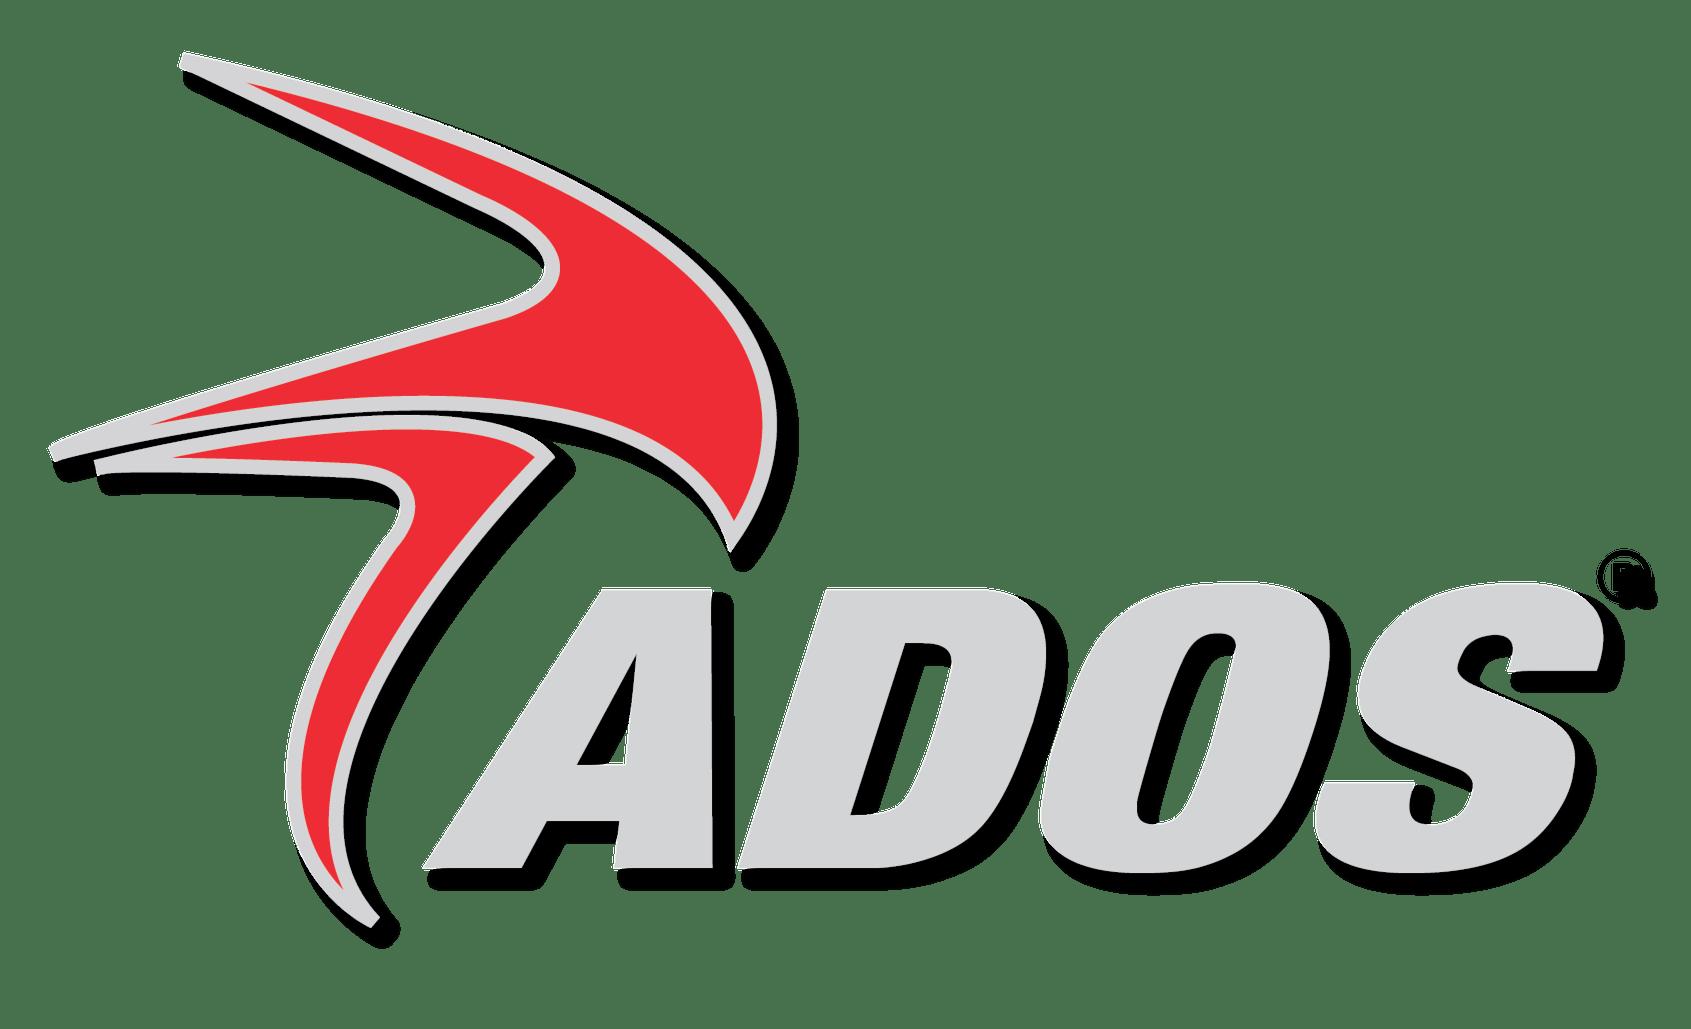 ABU DHABI OILFIELD SERVICES COMPANY  - ADOS LLC